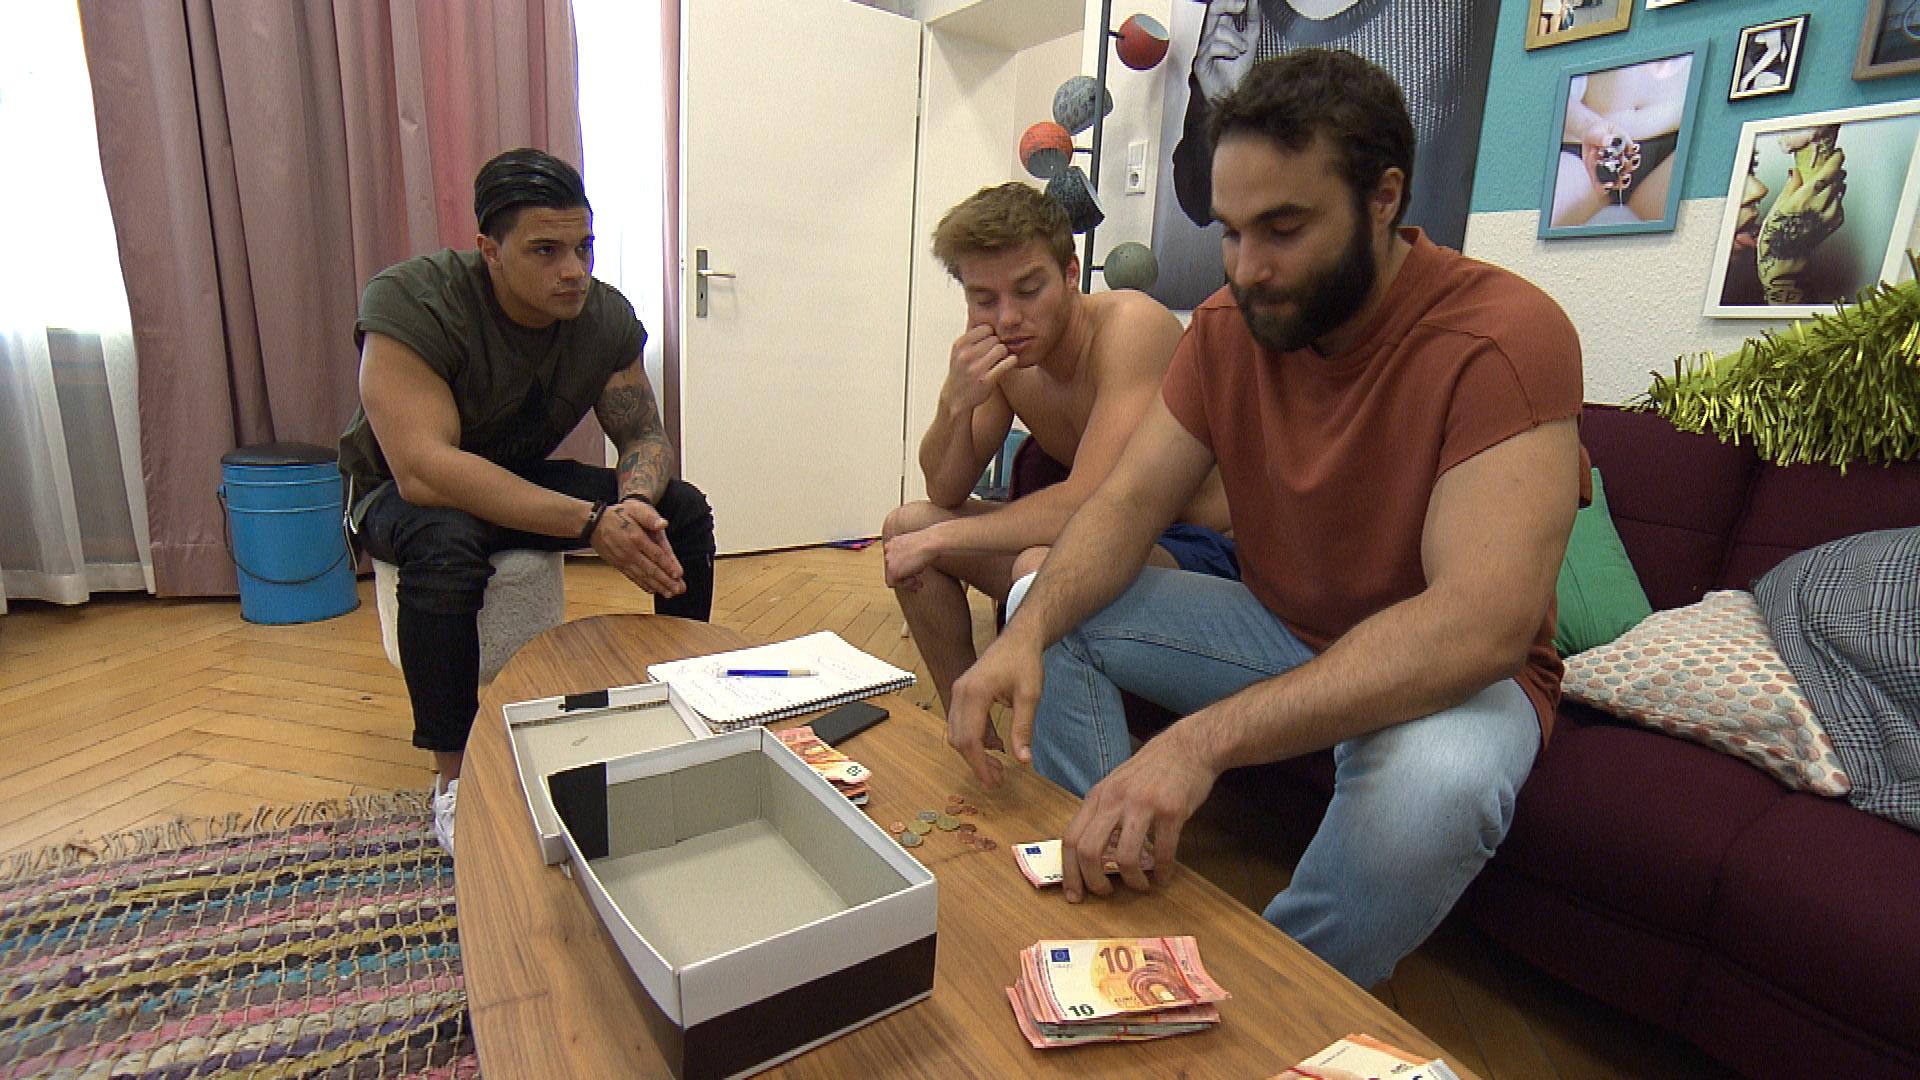 v.l.n.r.: Chico, Felix, Diego,re. (Quelle: RTL 2)